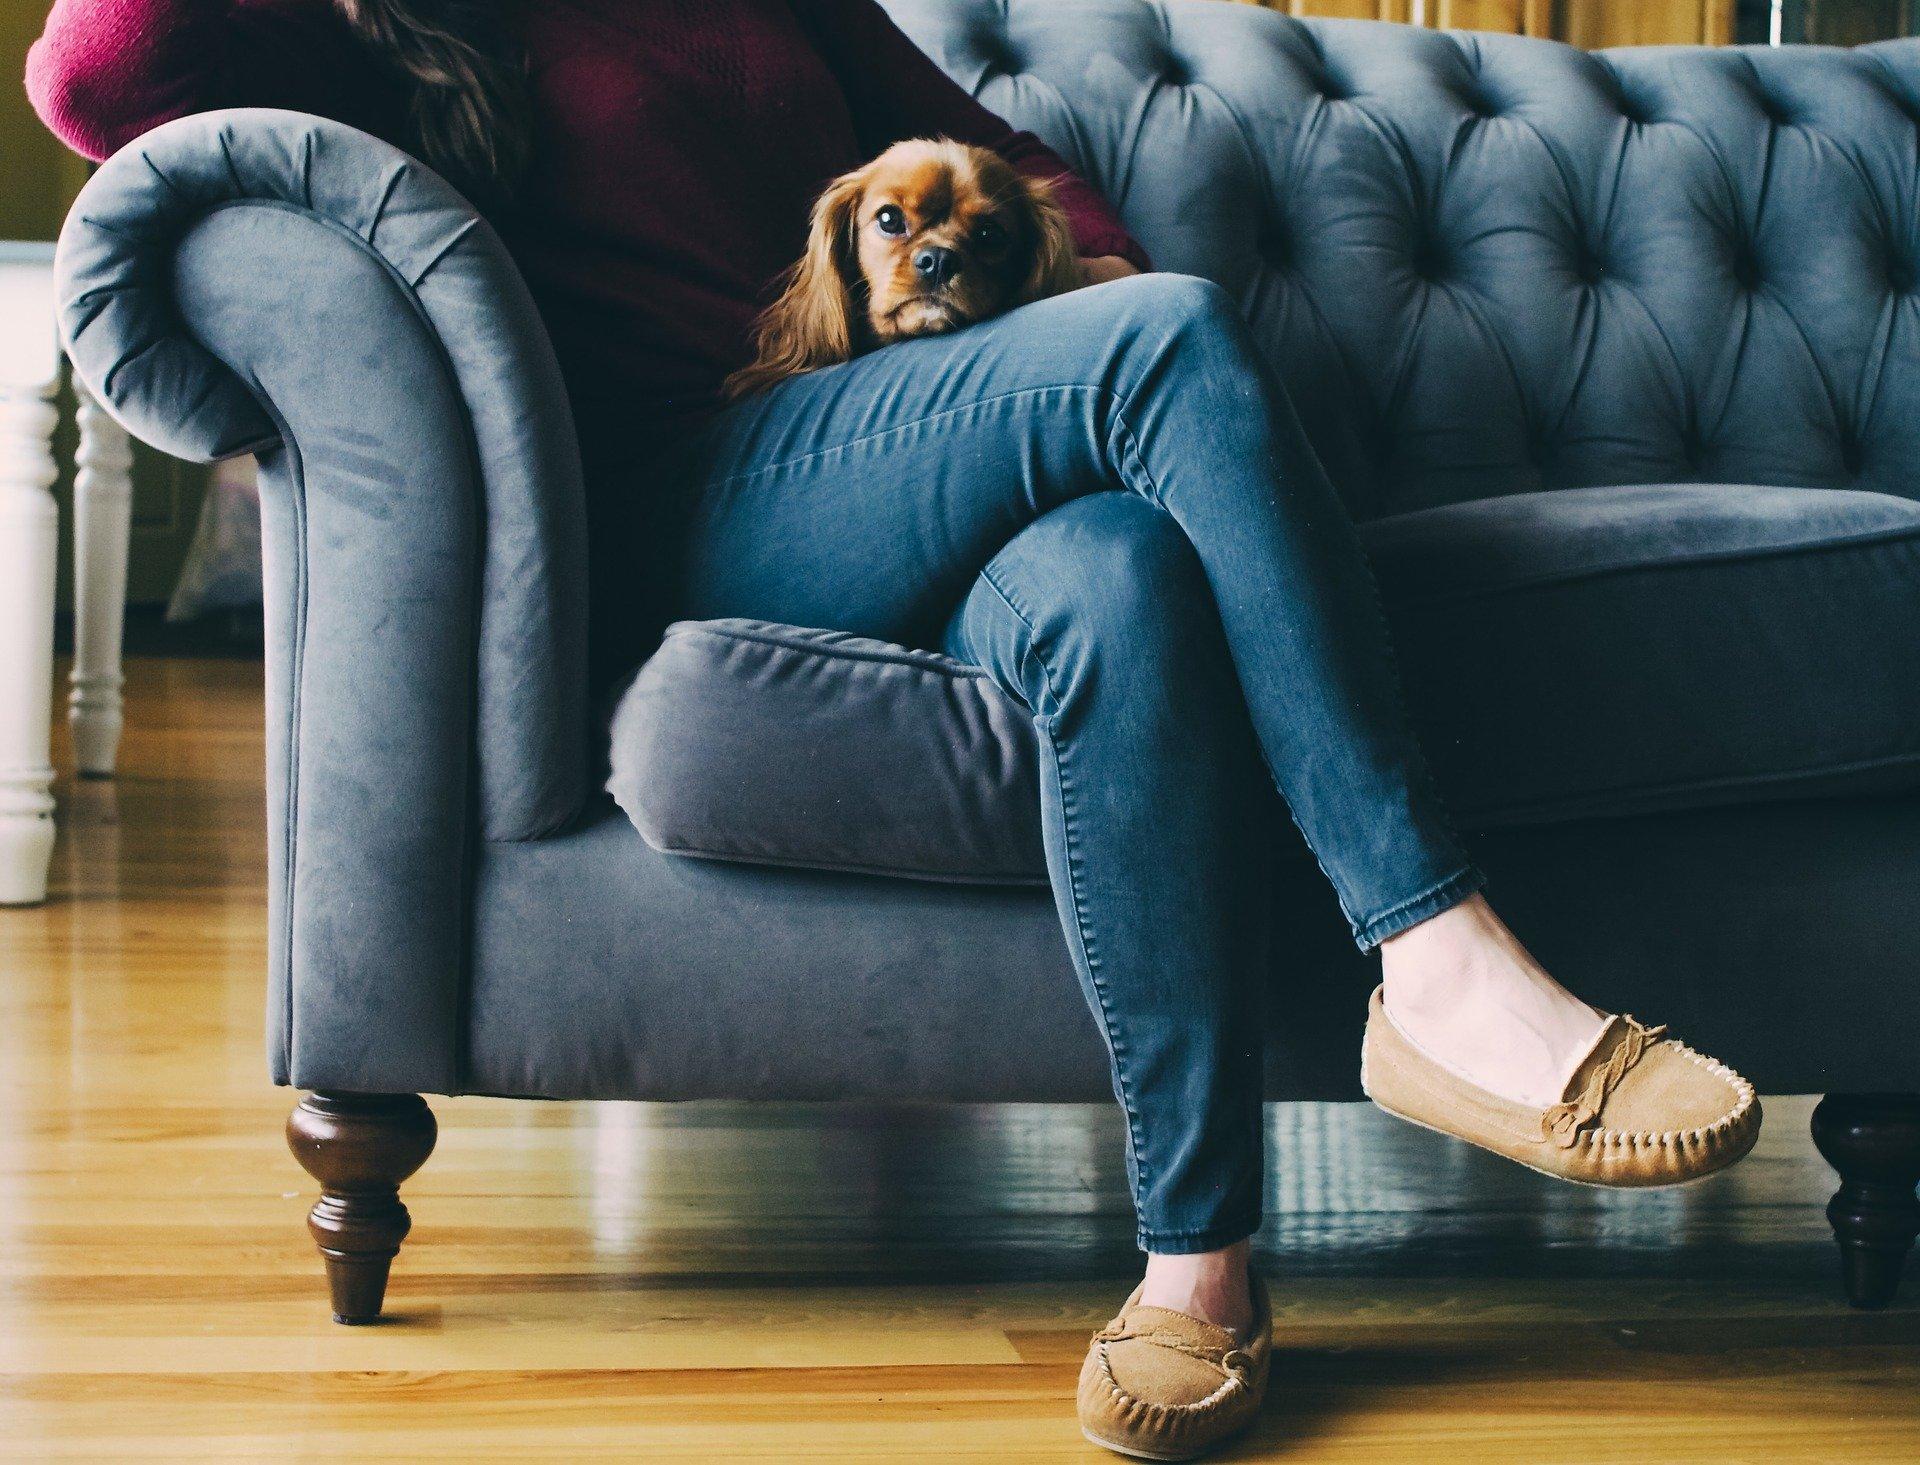 Foto de uma pessoa sentada em um sofá com cachorro. Imagem ilustrativa para o texto como tirar o mau cheiro do seu sofá.